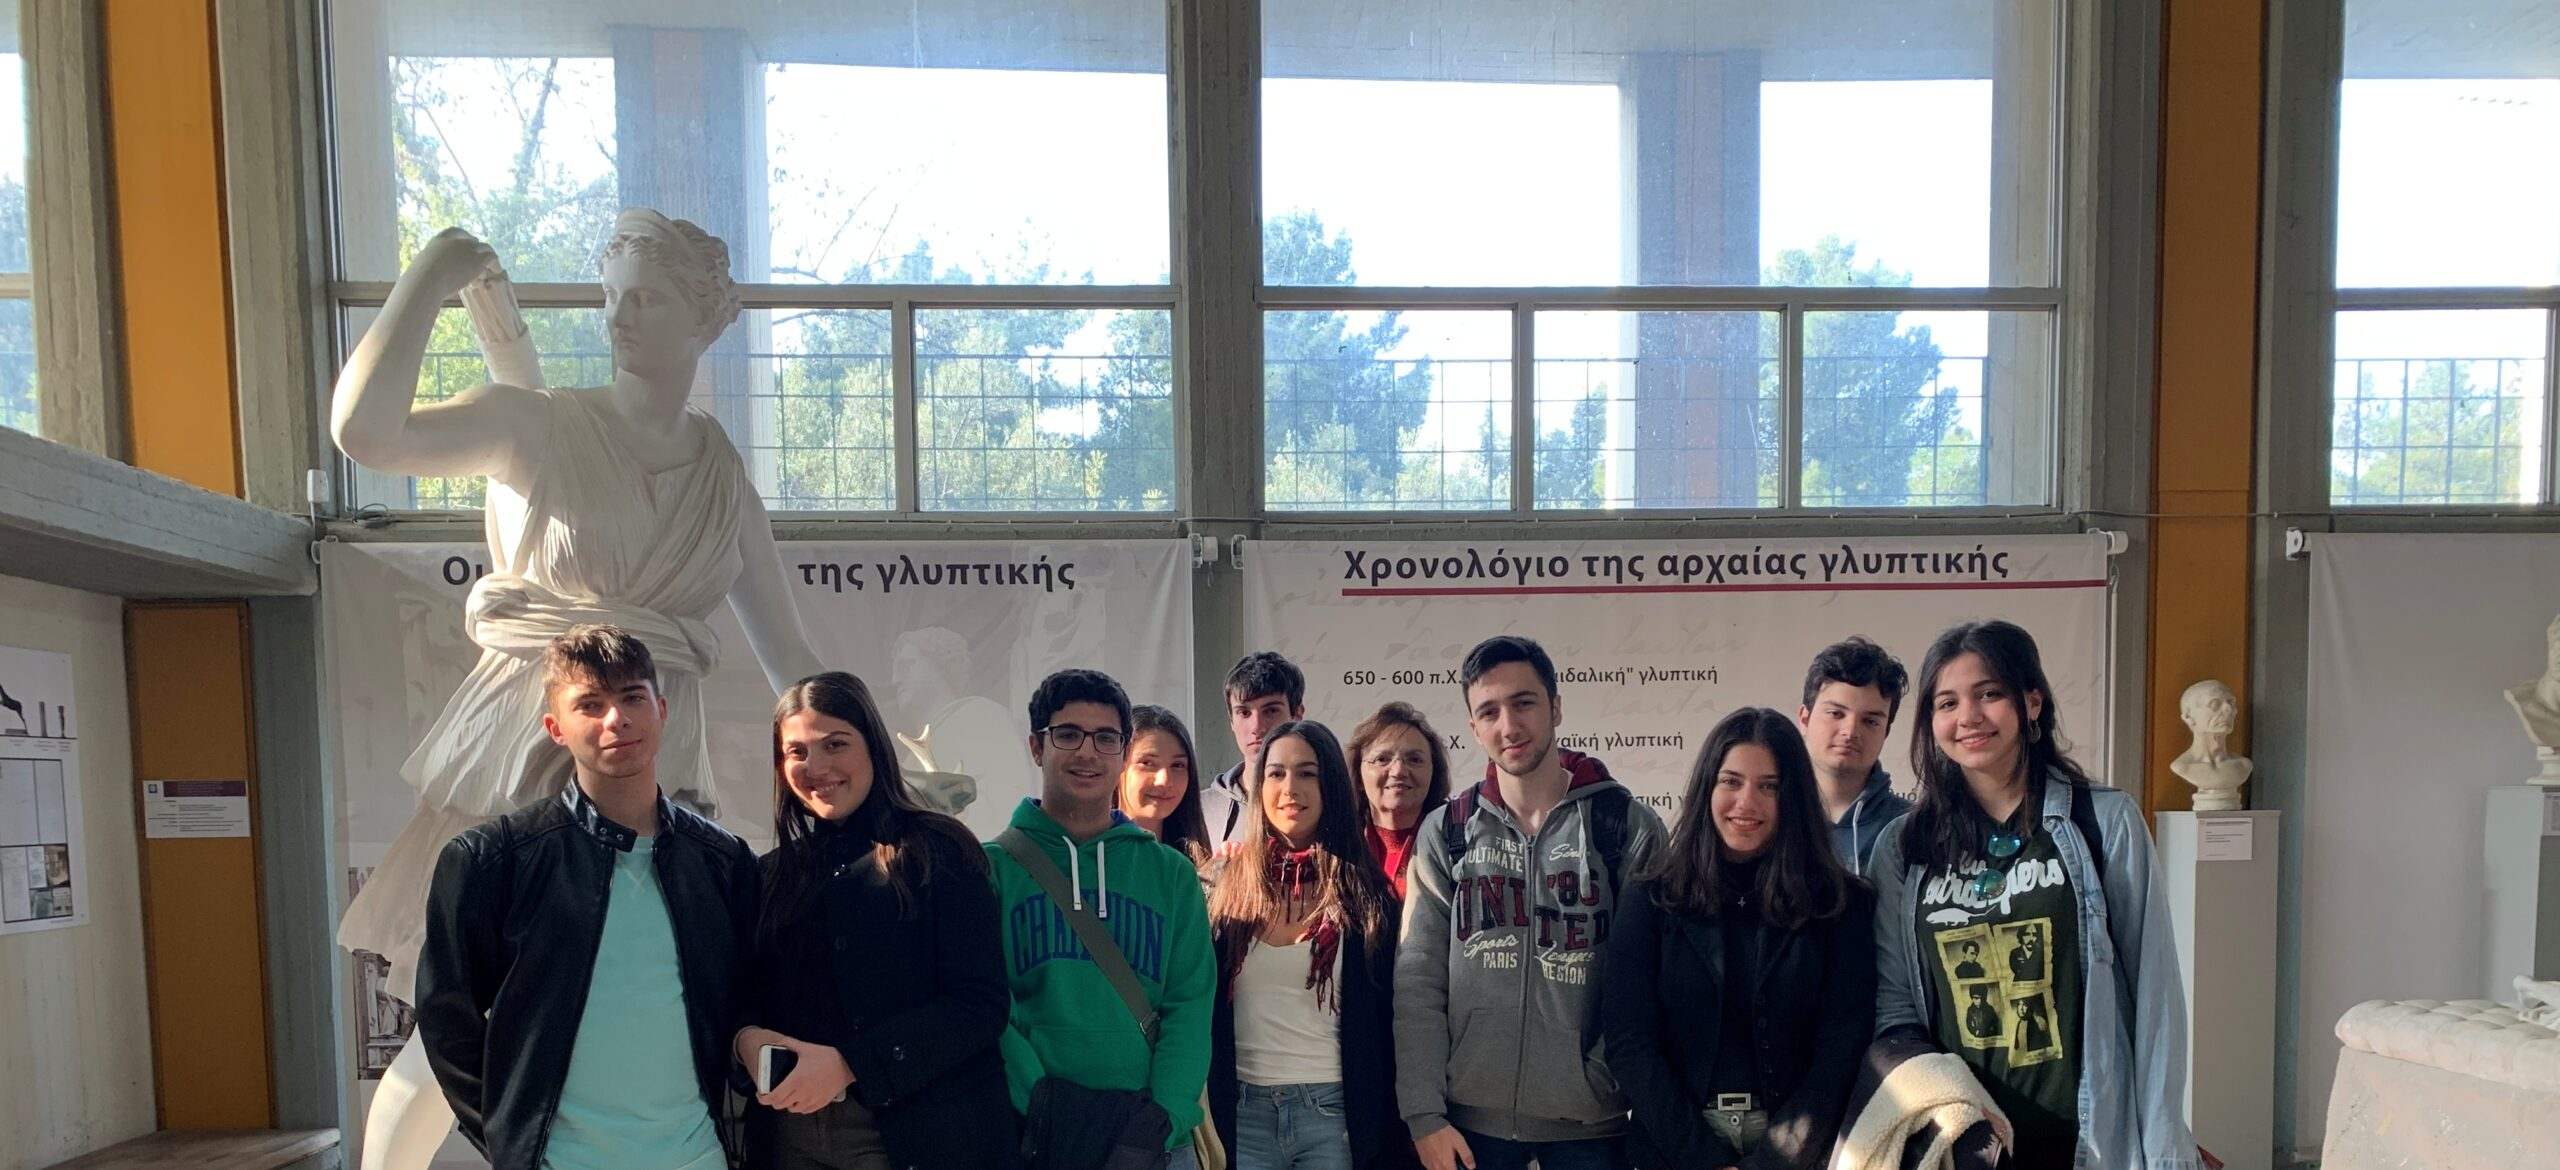 Οι μαθητές της Ομάδας Προσανατολισμού Ανθρωπιστικών Σπουδών της Γ΄ Λυκείου